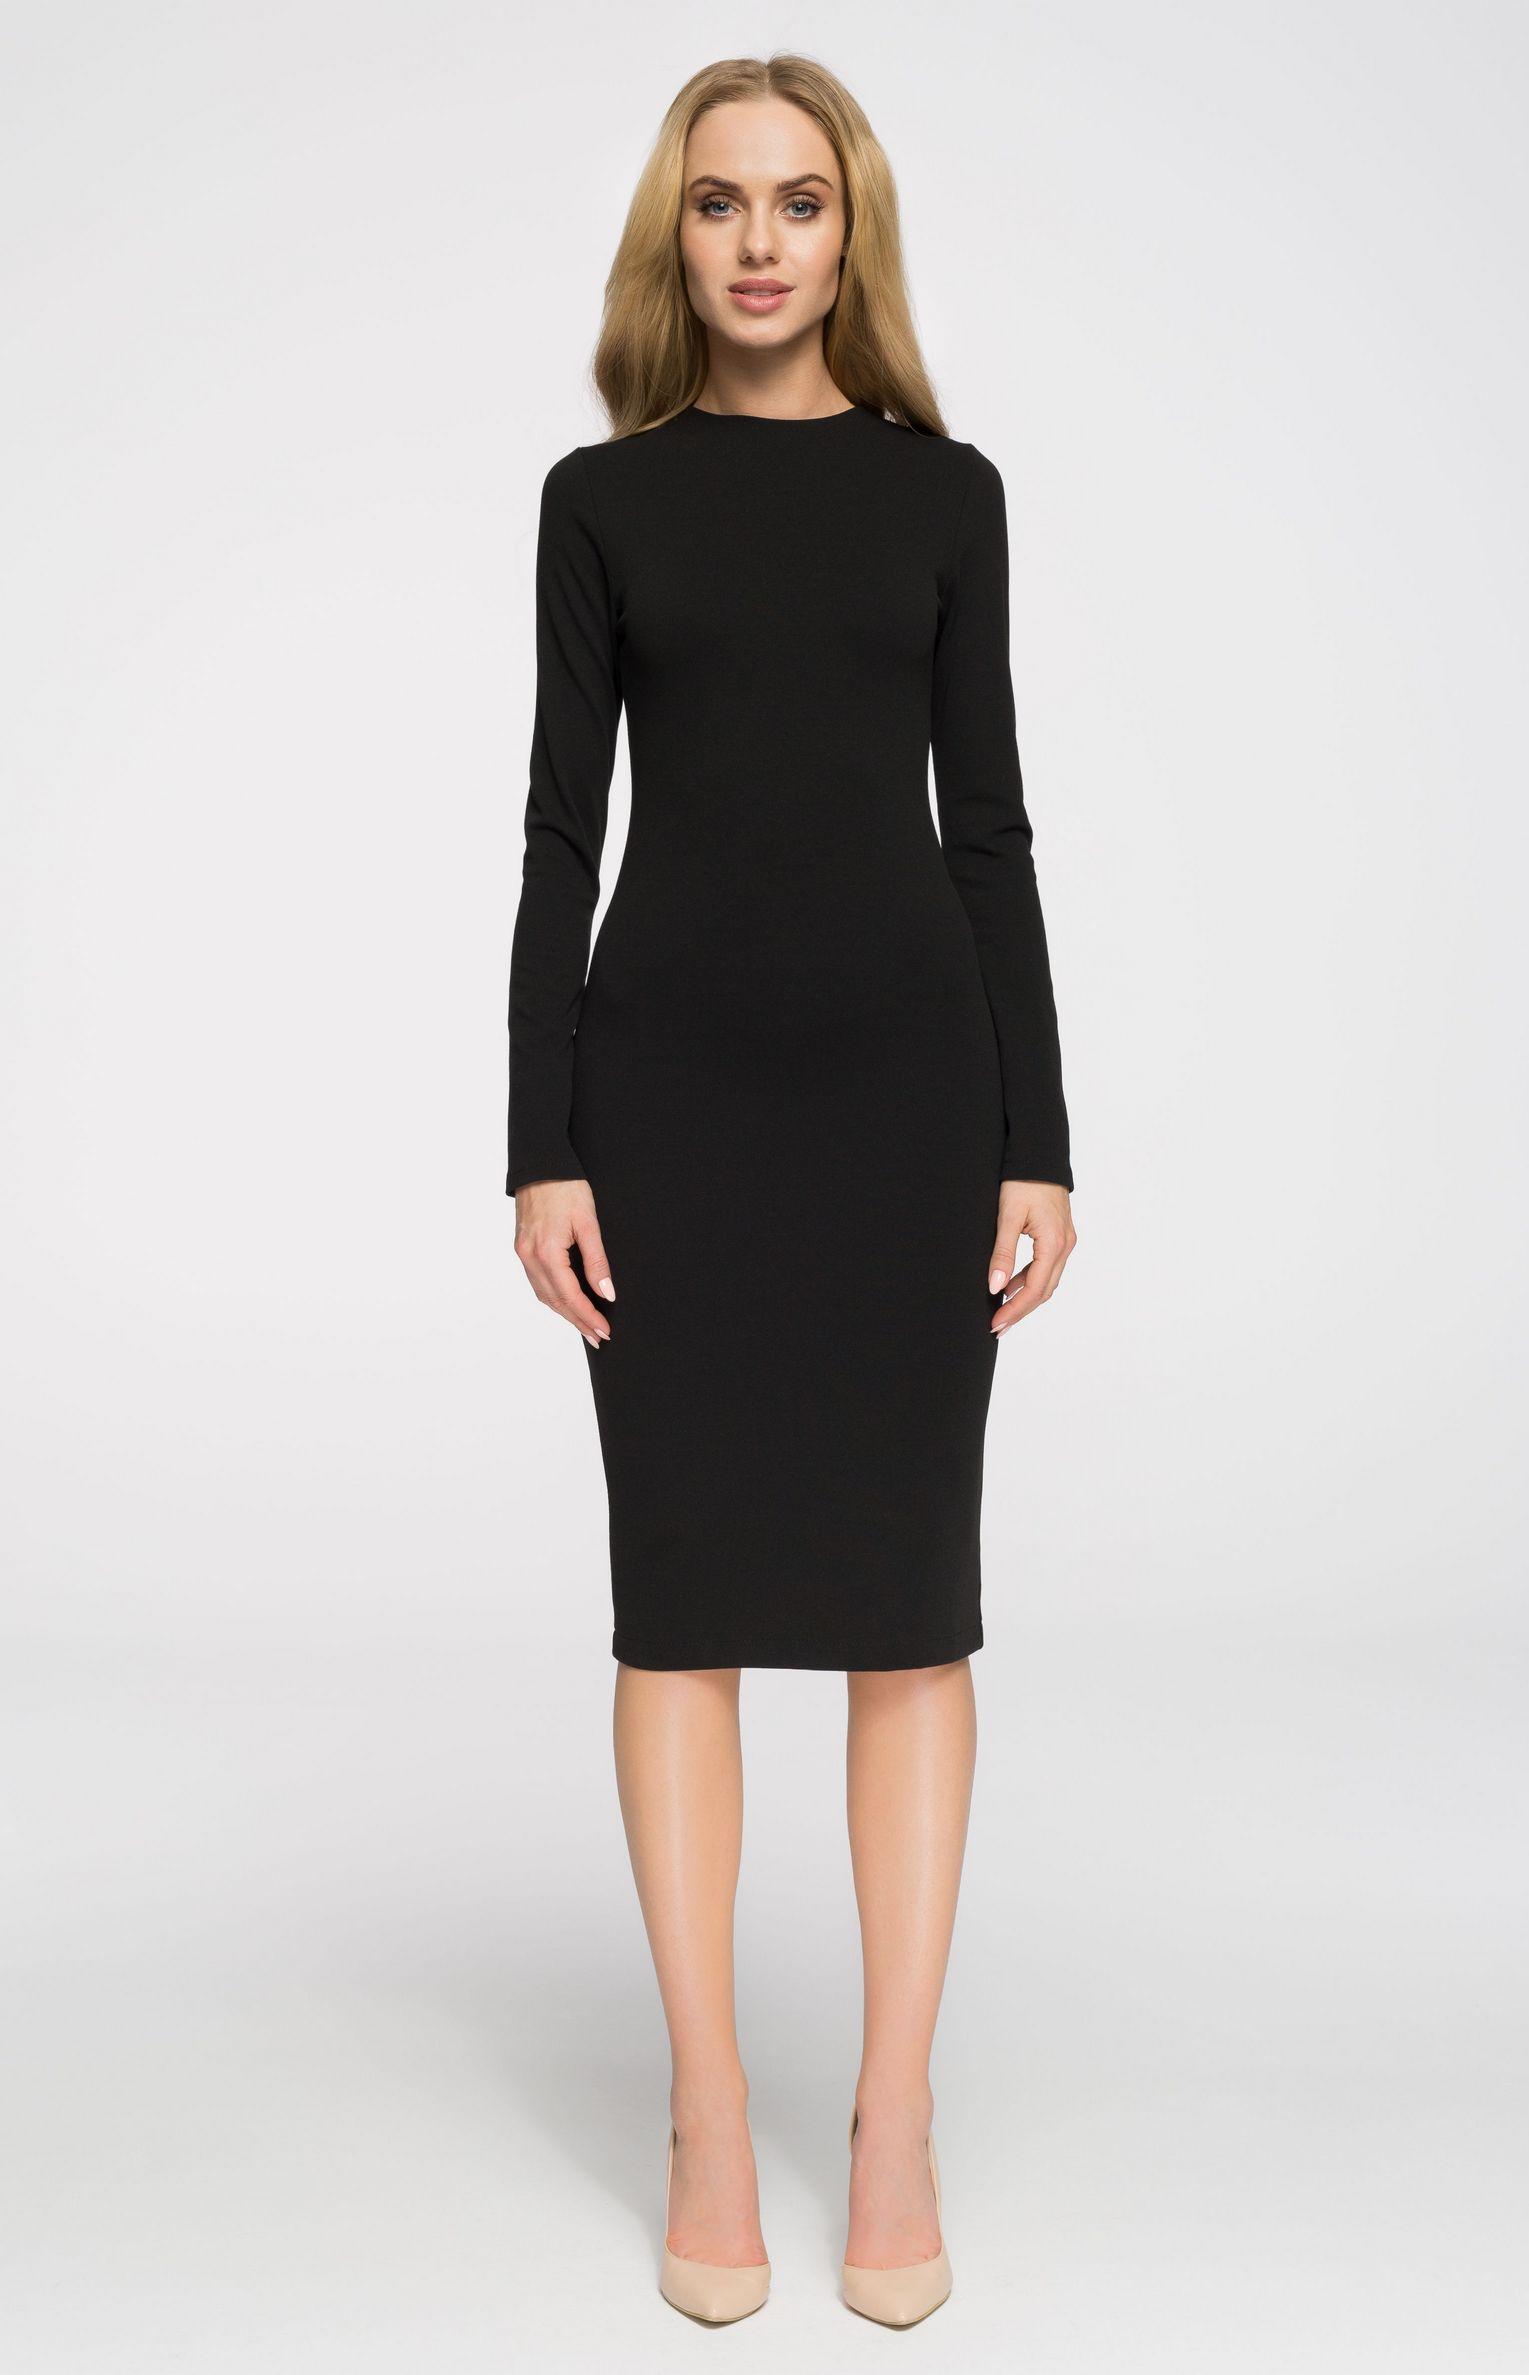 bd197104490 Robe fourreau cosy noire Style S033N   idresstocode  boutique de  déshabillés et nuisettes